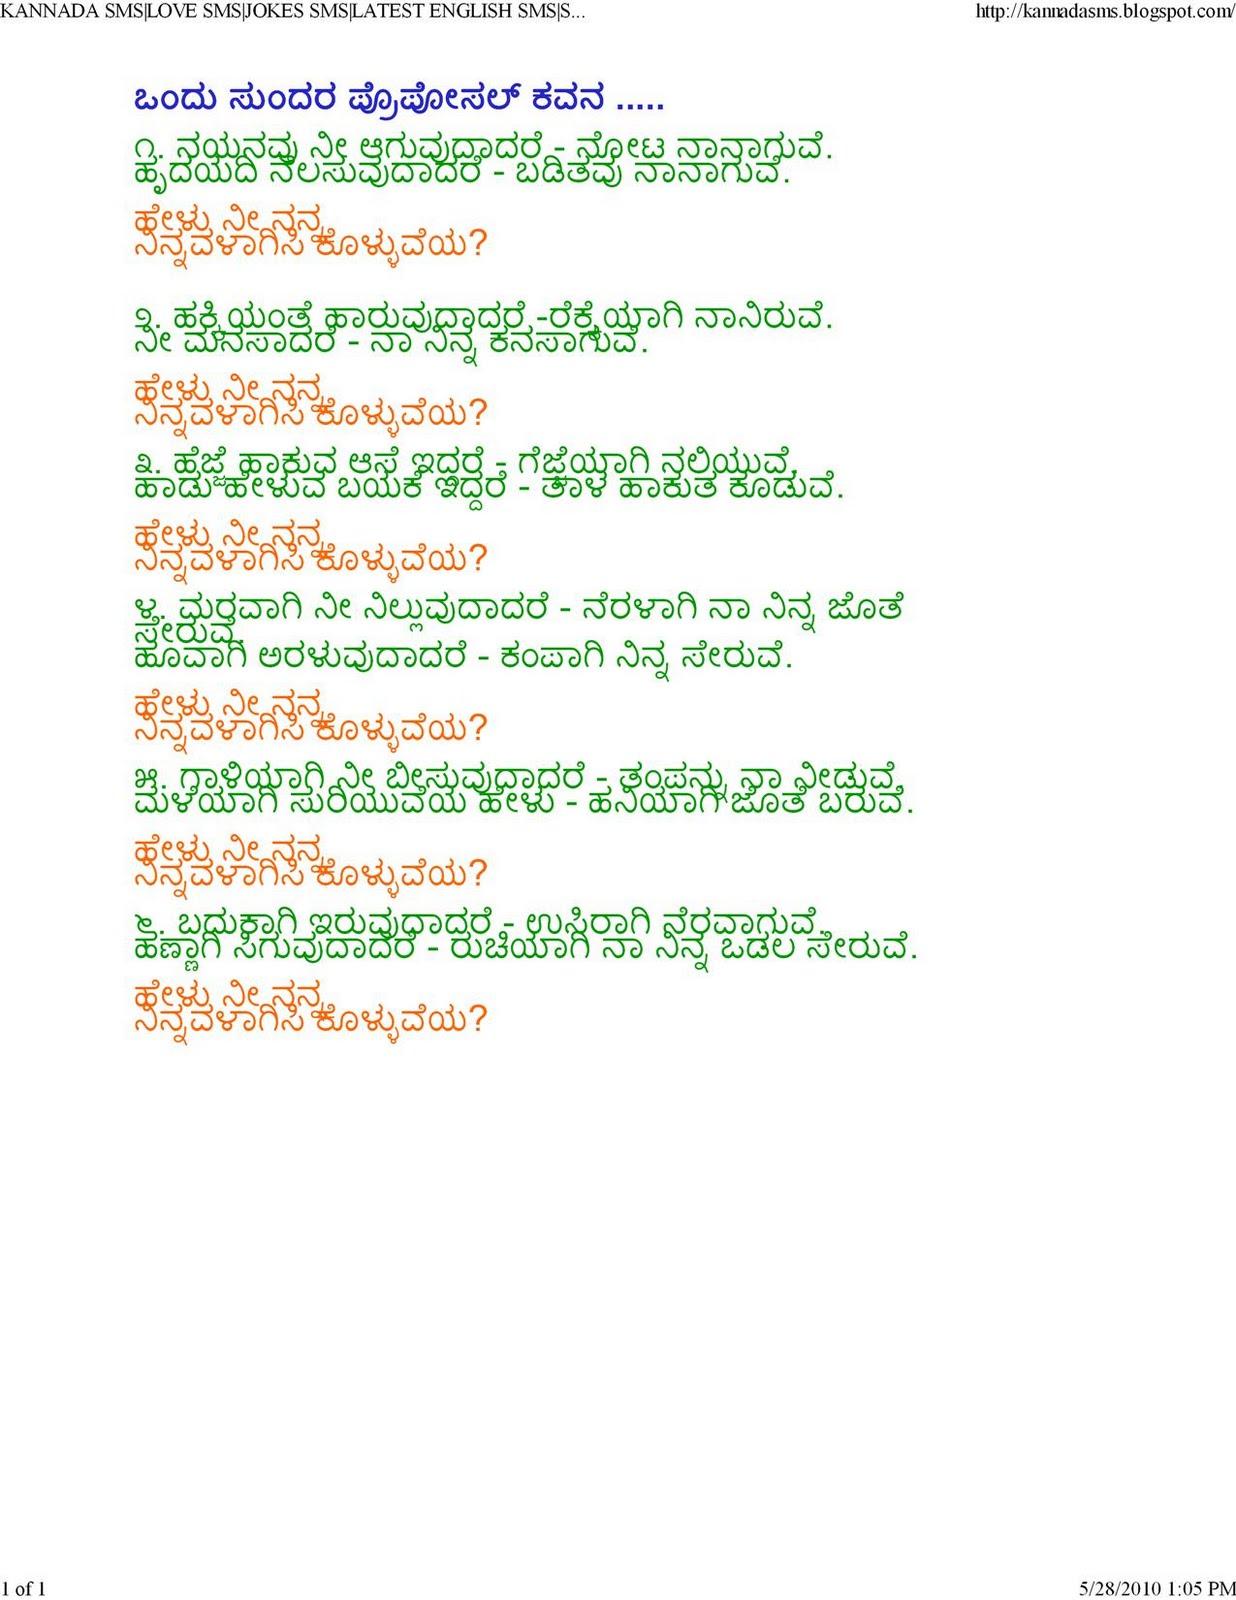 hindi sms love sms friendship sms hindi shayari funny sms